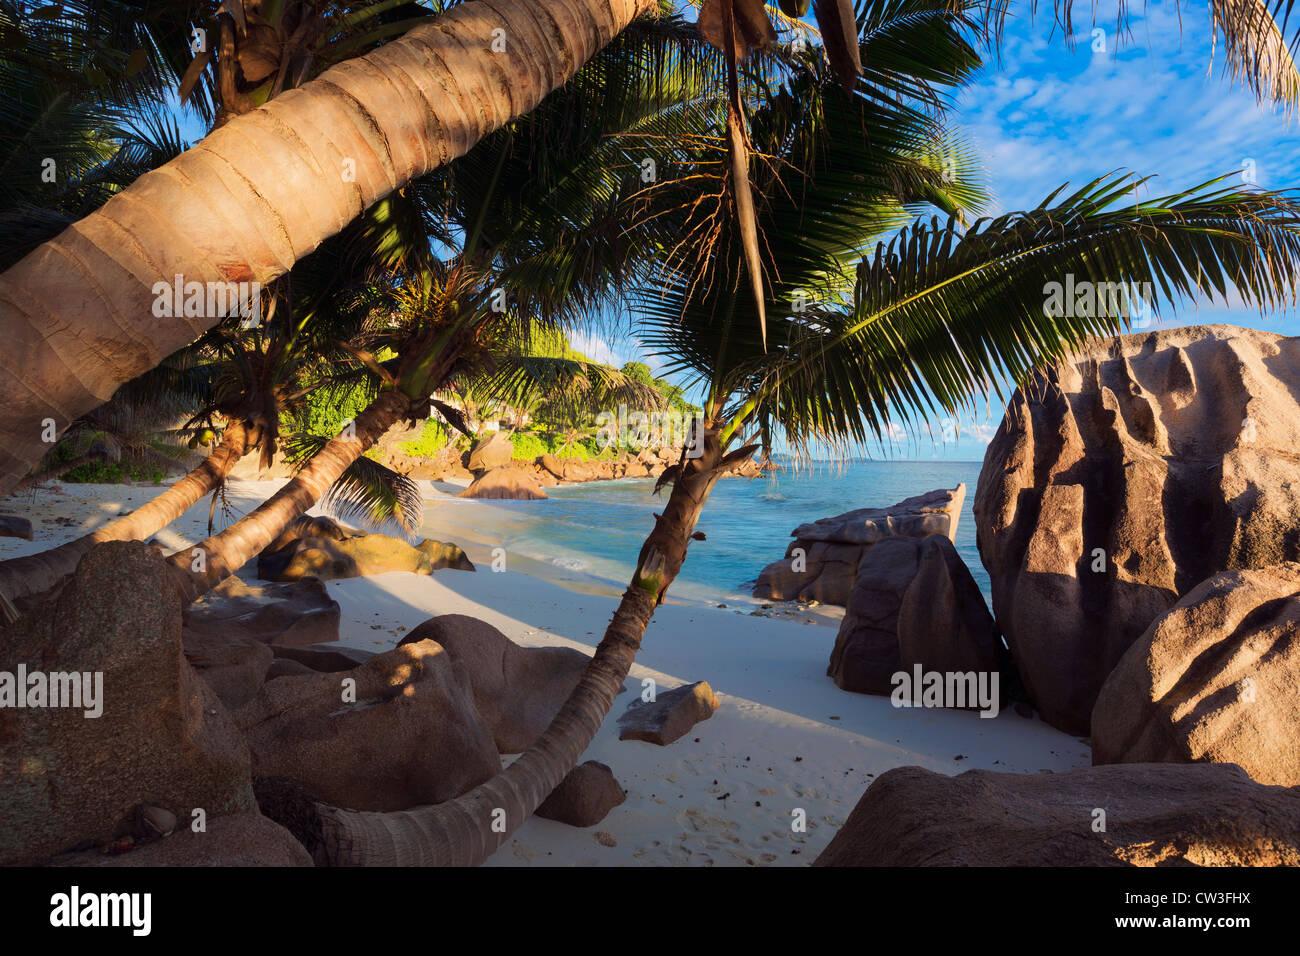 Ansicht des Strandes durch schiefe Kokospalmen. Insel La Digue. Seychellen. Stockbild